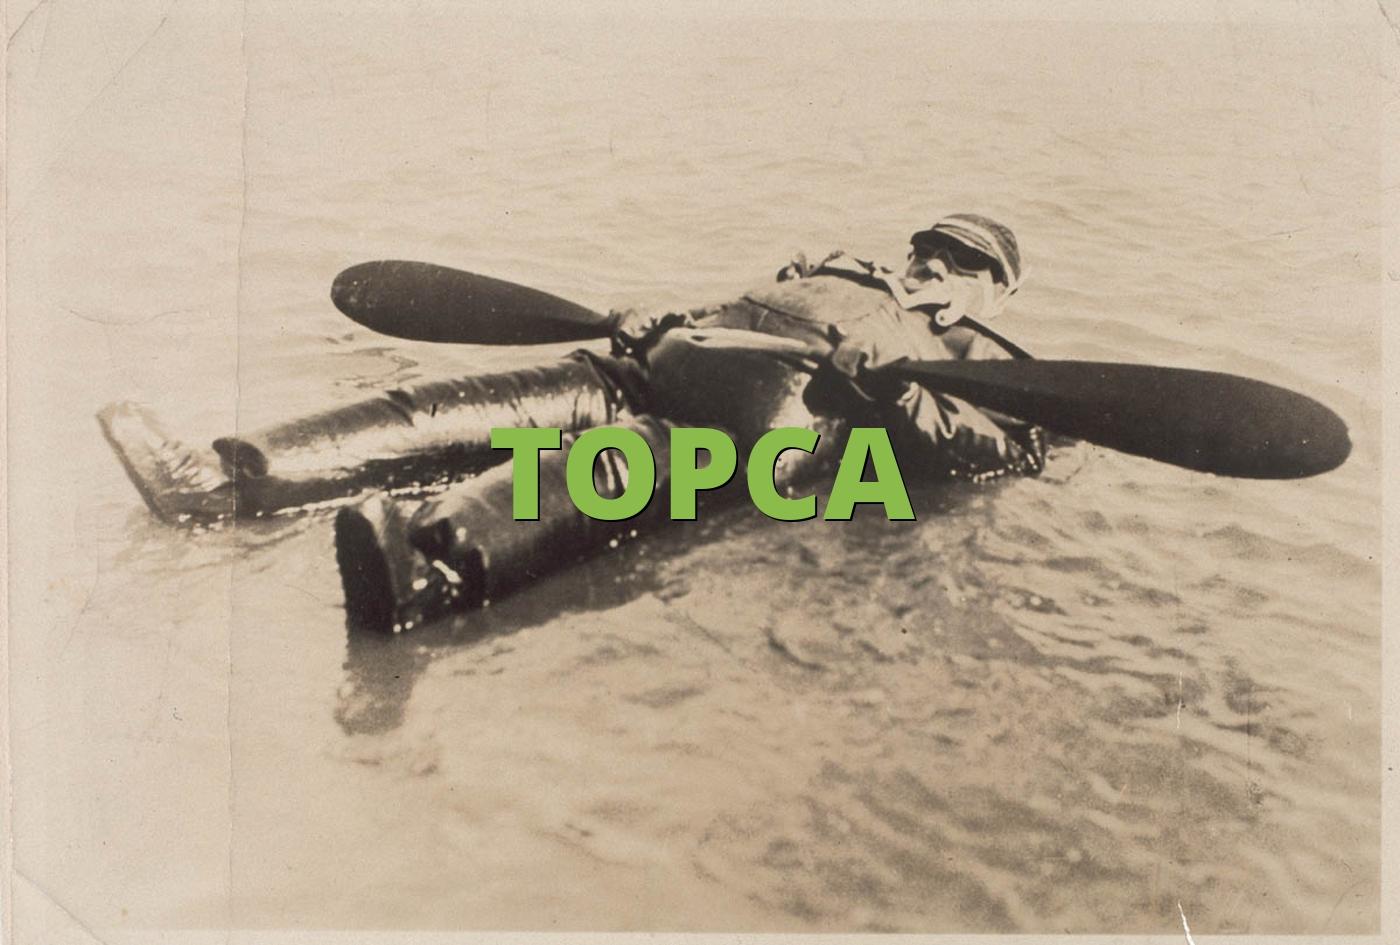 TOPCA